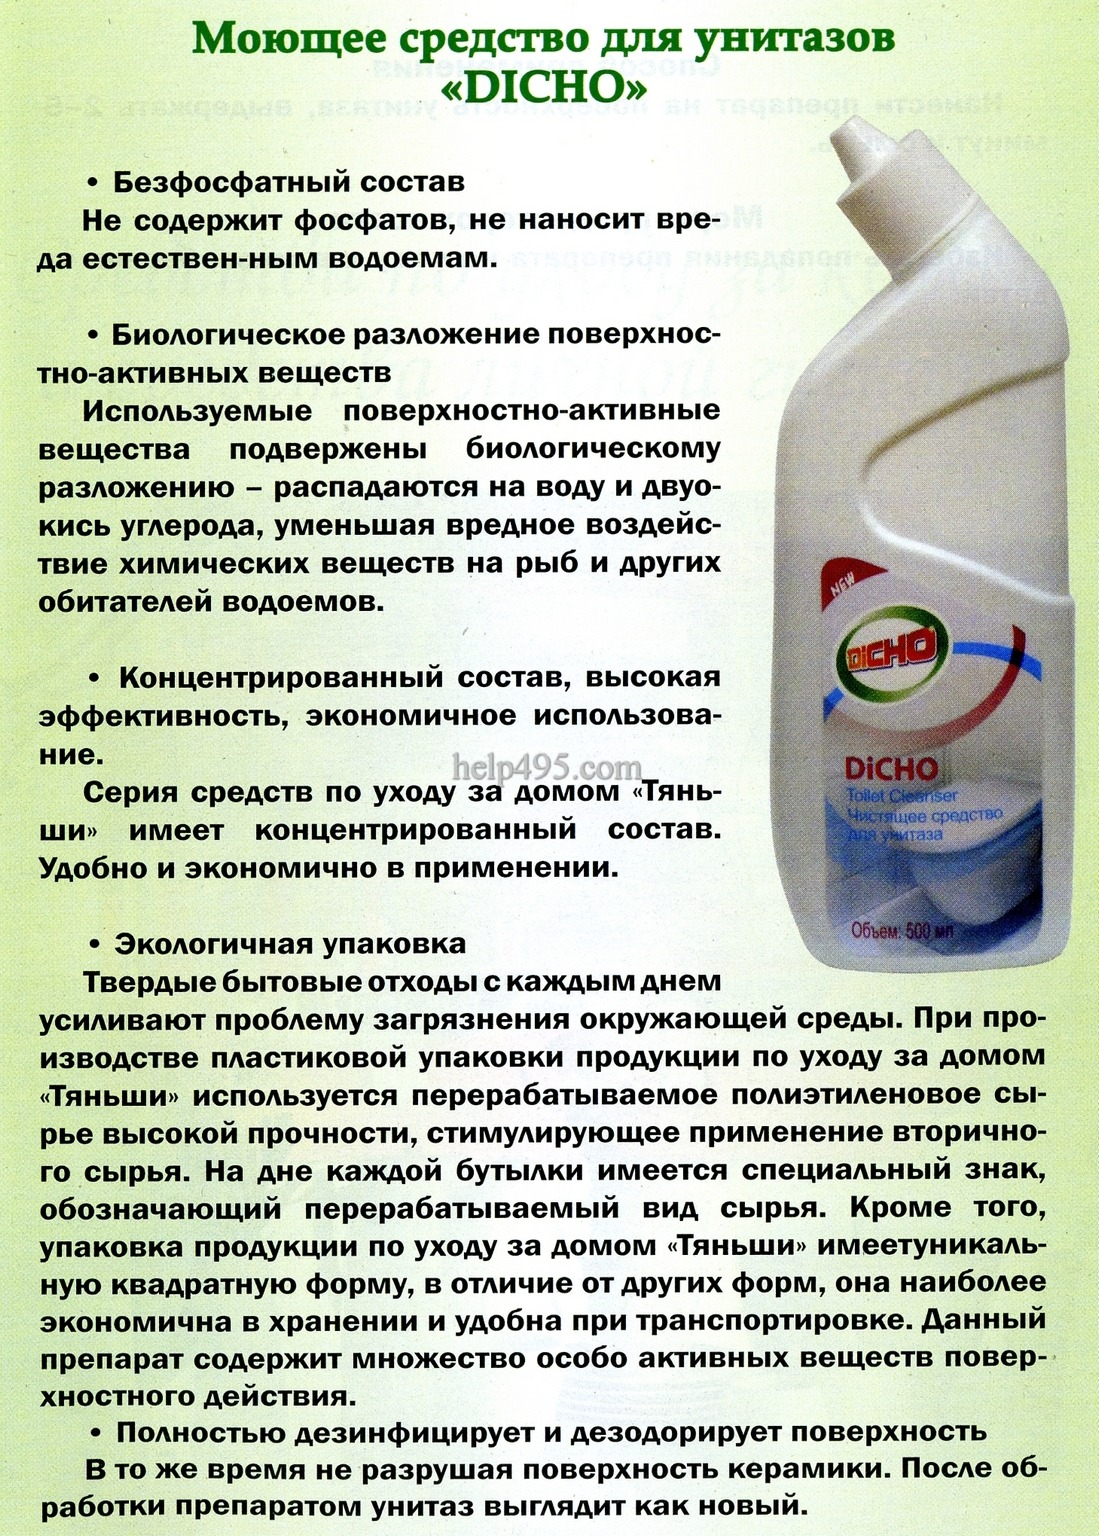 Каков состав и упаковка чистящего средства для унитазов DICHO (описание из справочника)